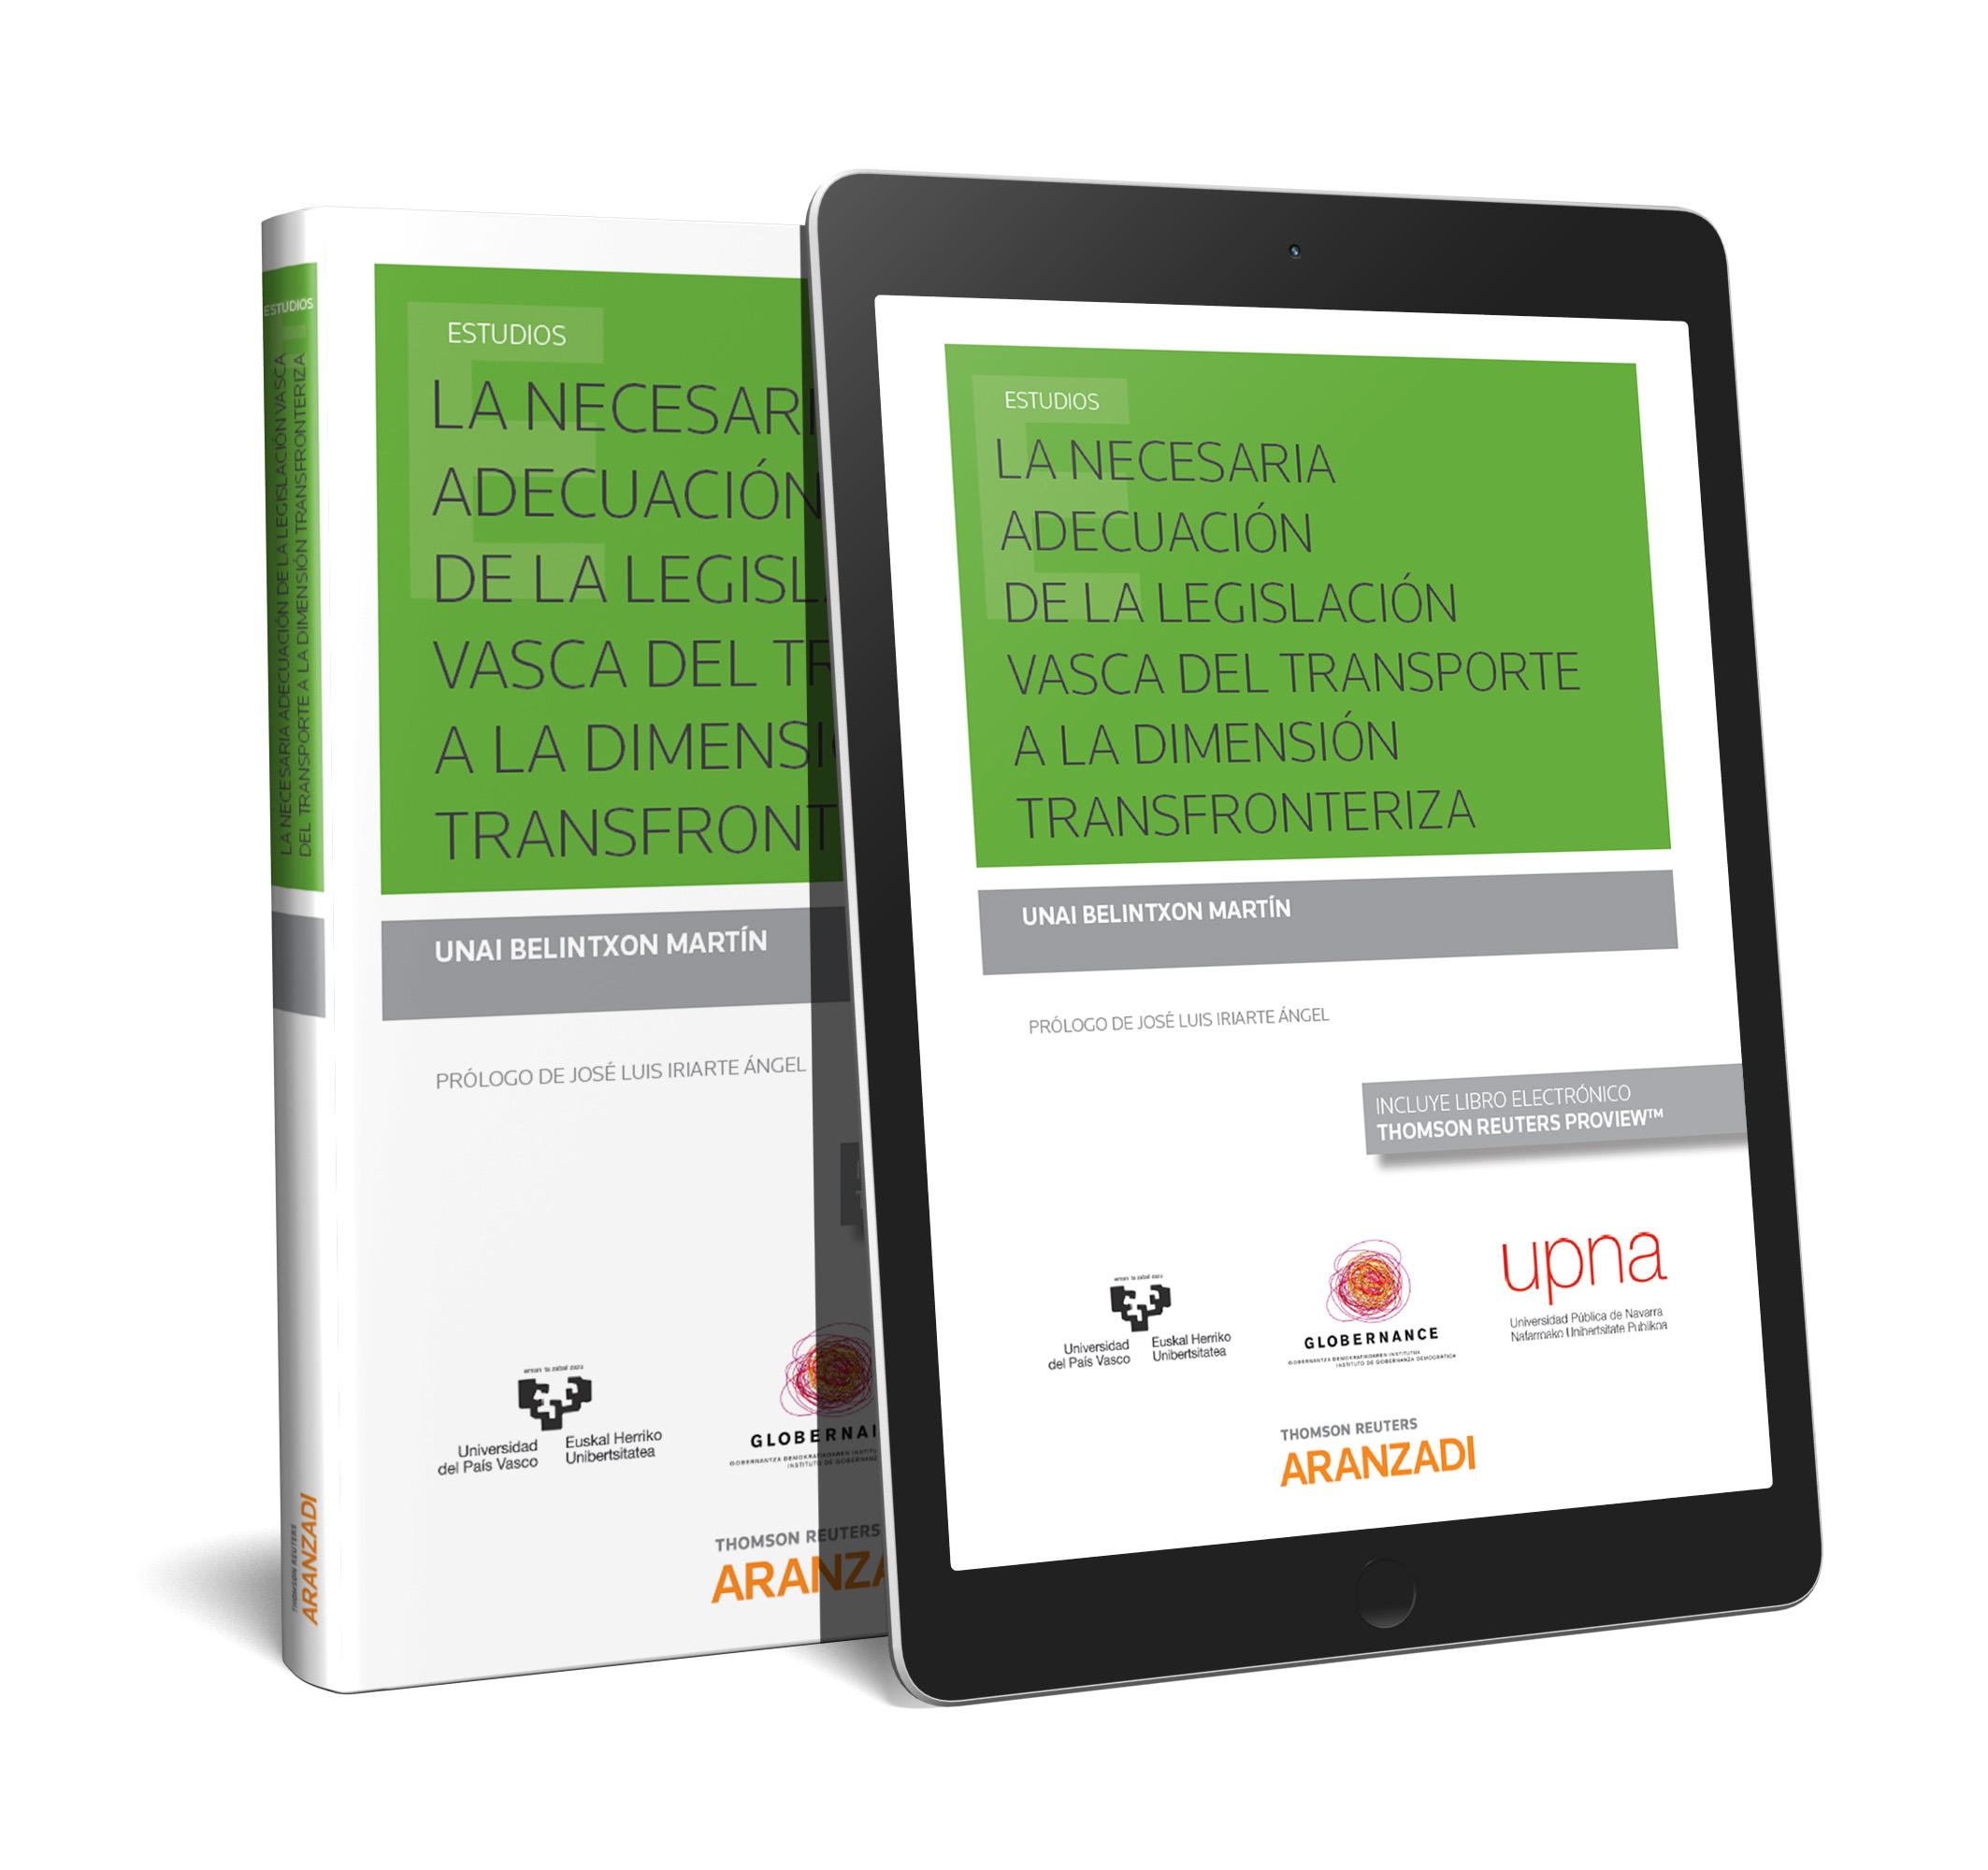 La necesaria adecuación de la legislación vasca del transporte a la dimensión transfronteriza (Papel + e-book)